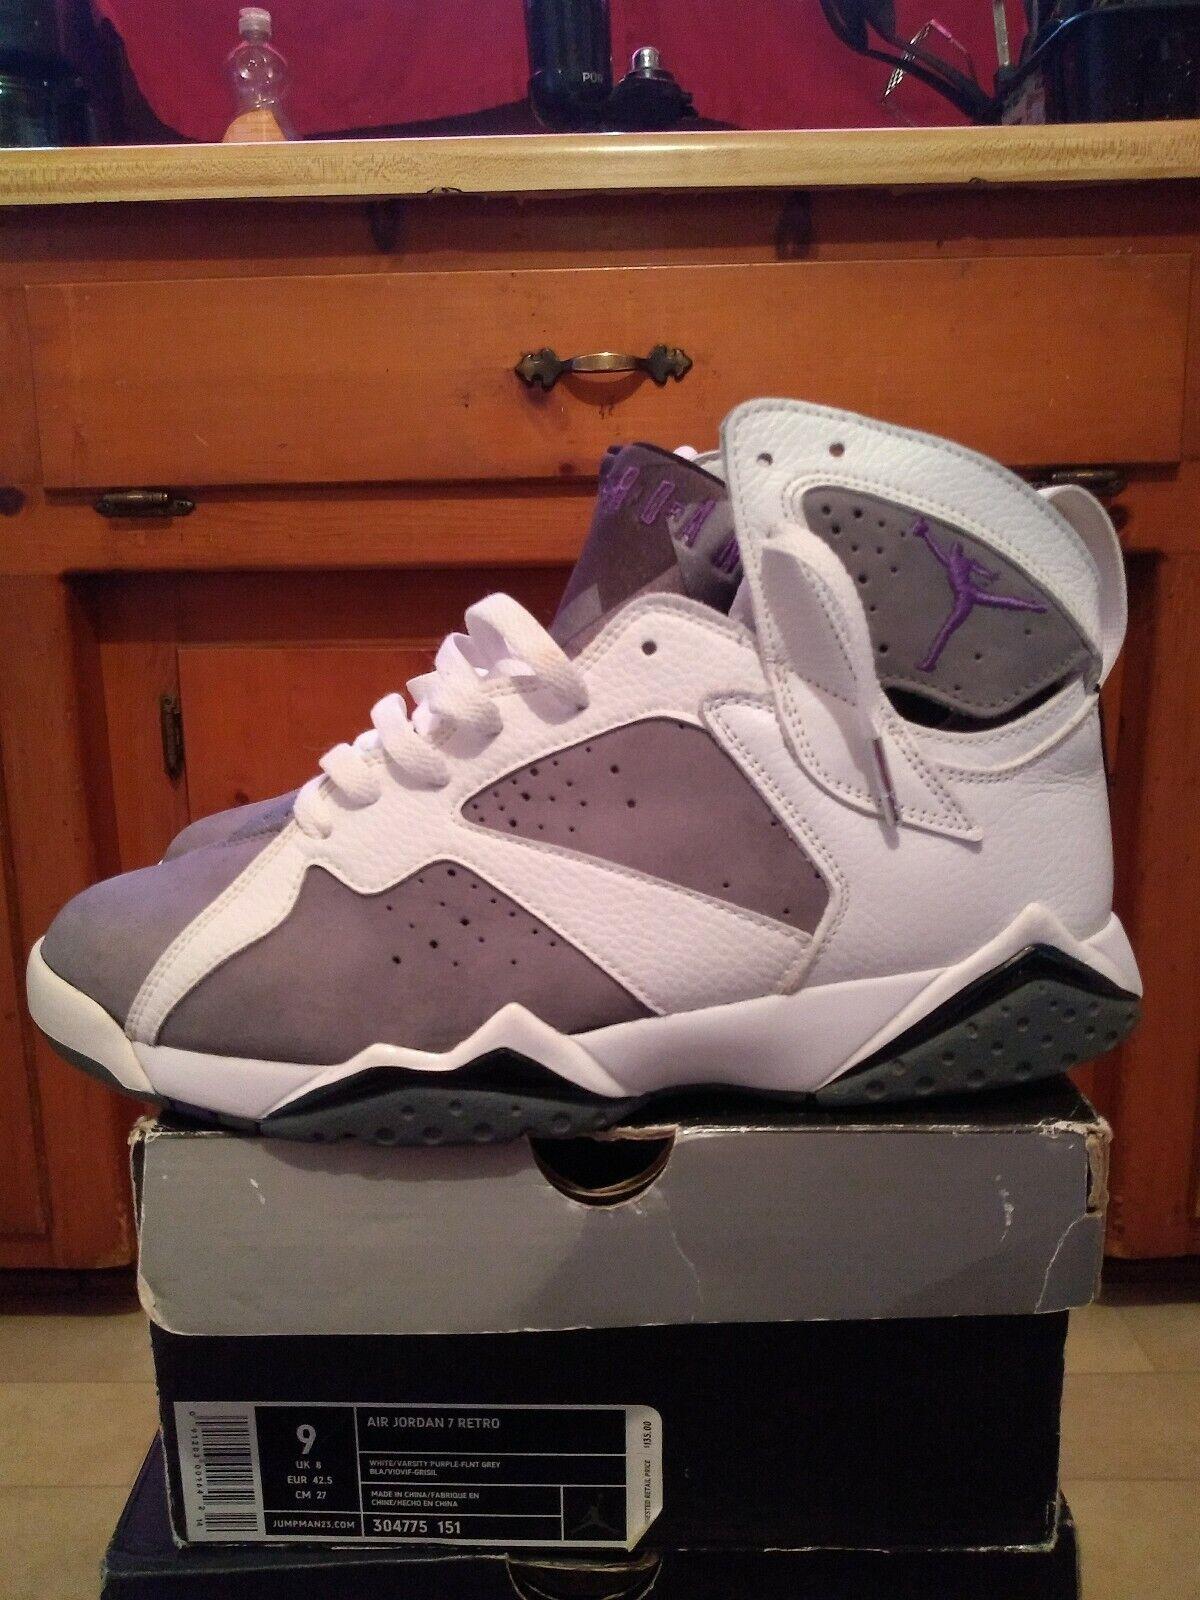 Jordan 7 Flint Size 9